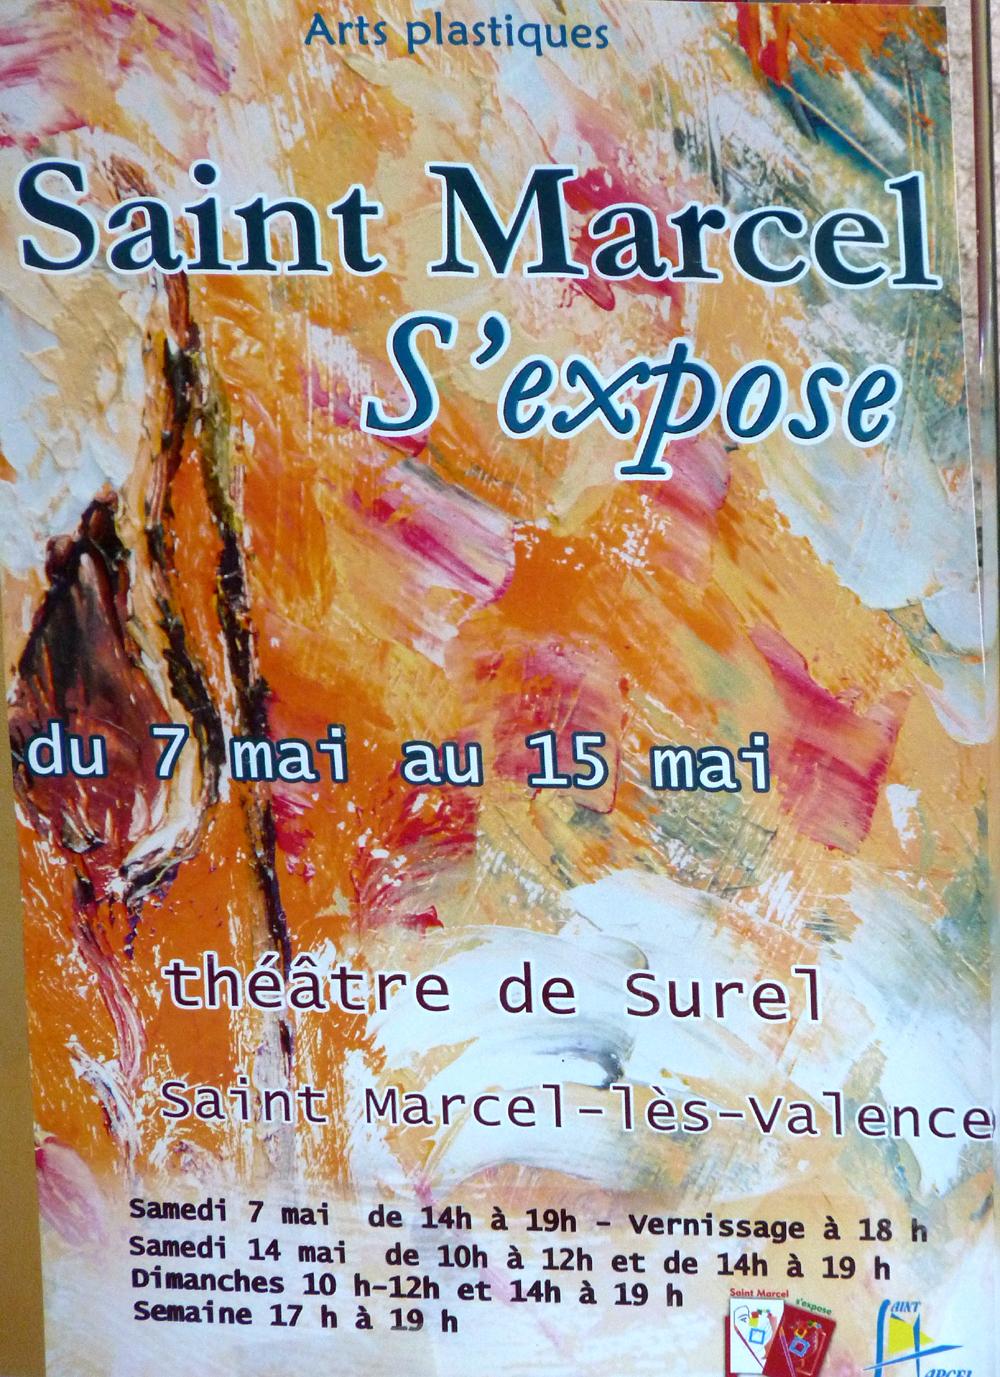 Saint marcel s 39 expose retenez les dates le blog de st marcel l s valence saint marcel - Castorama saint marcel les valence ...